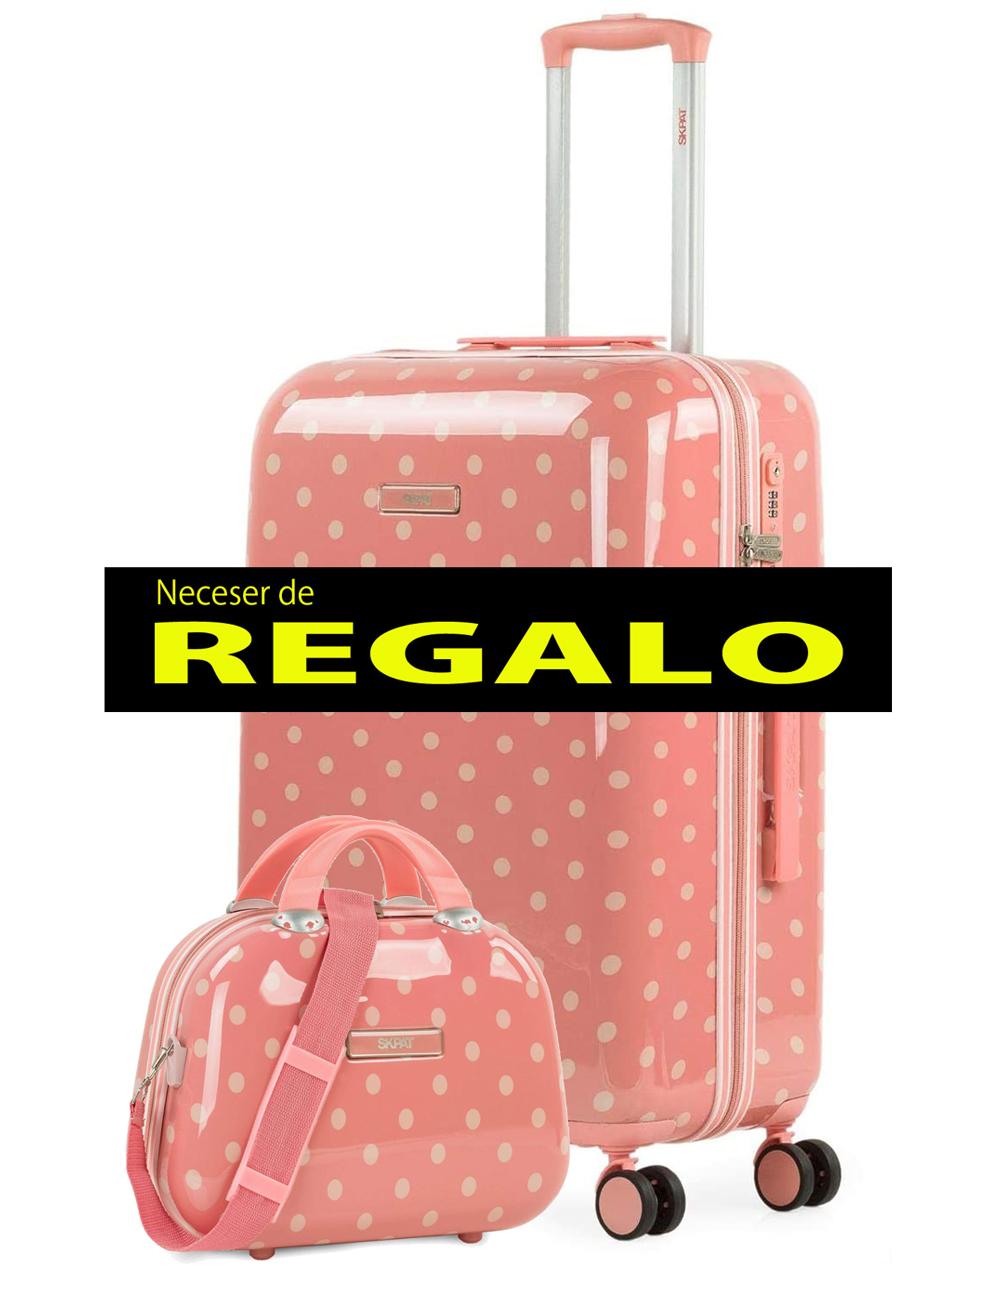 132360B Maleta Mediana Skpat Polka Dots + Neceser de Regalo